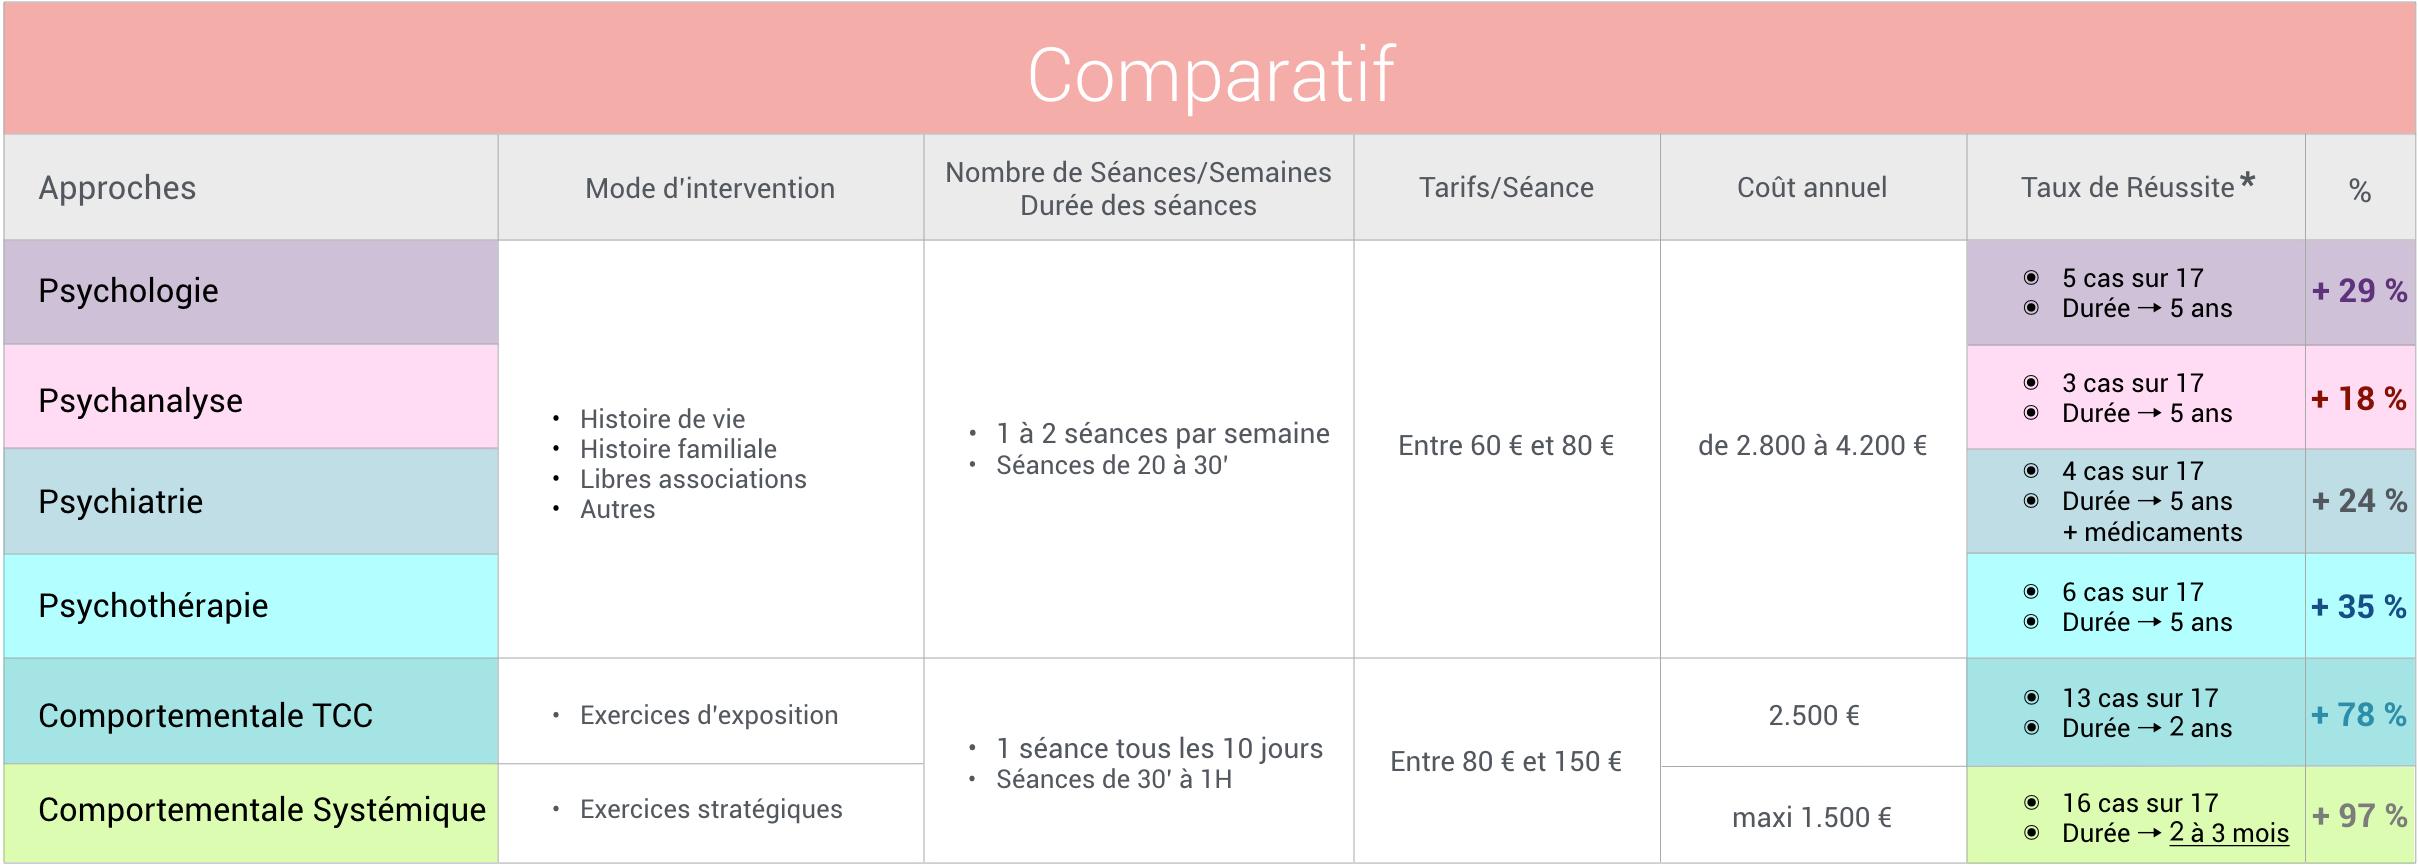 Consultation - Comparatif approches thérapeutiques